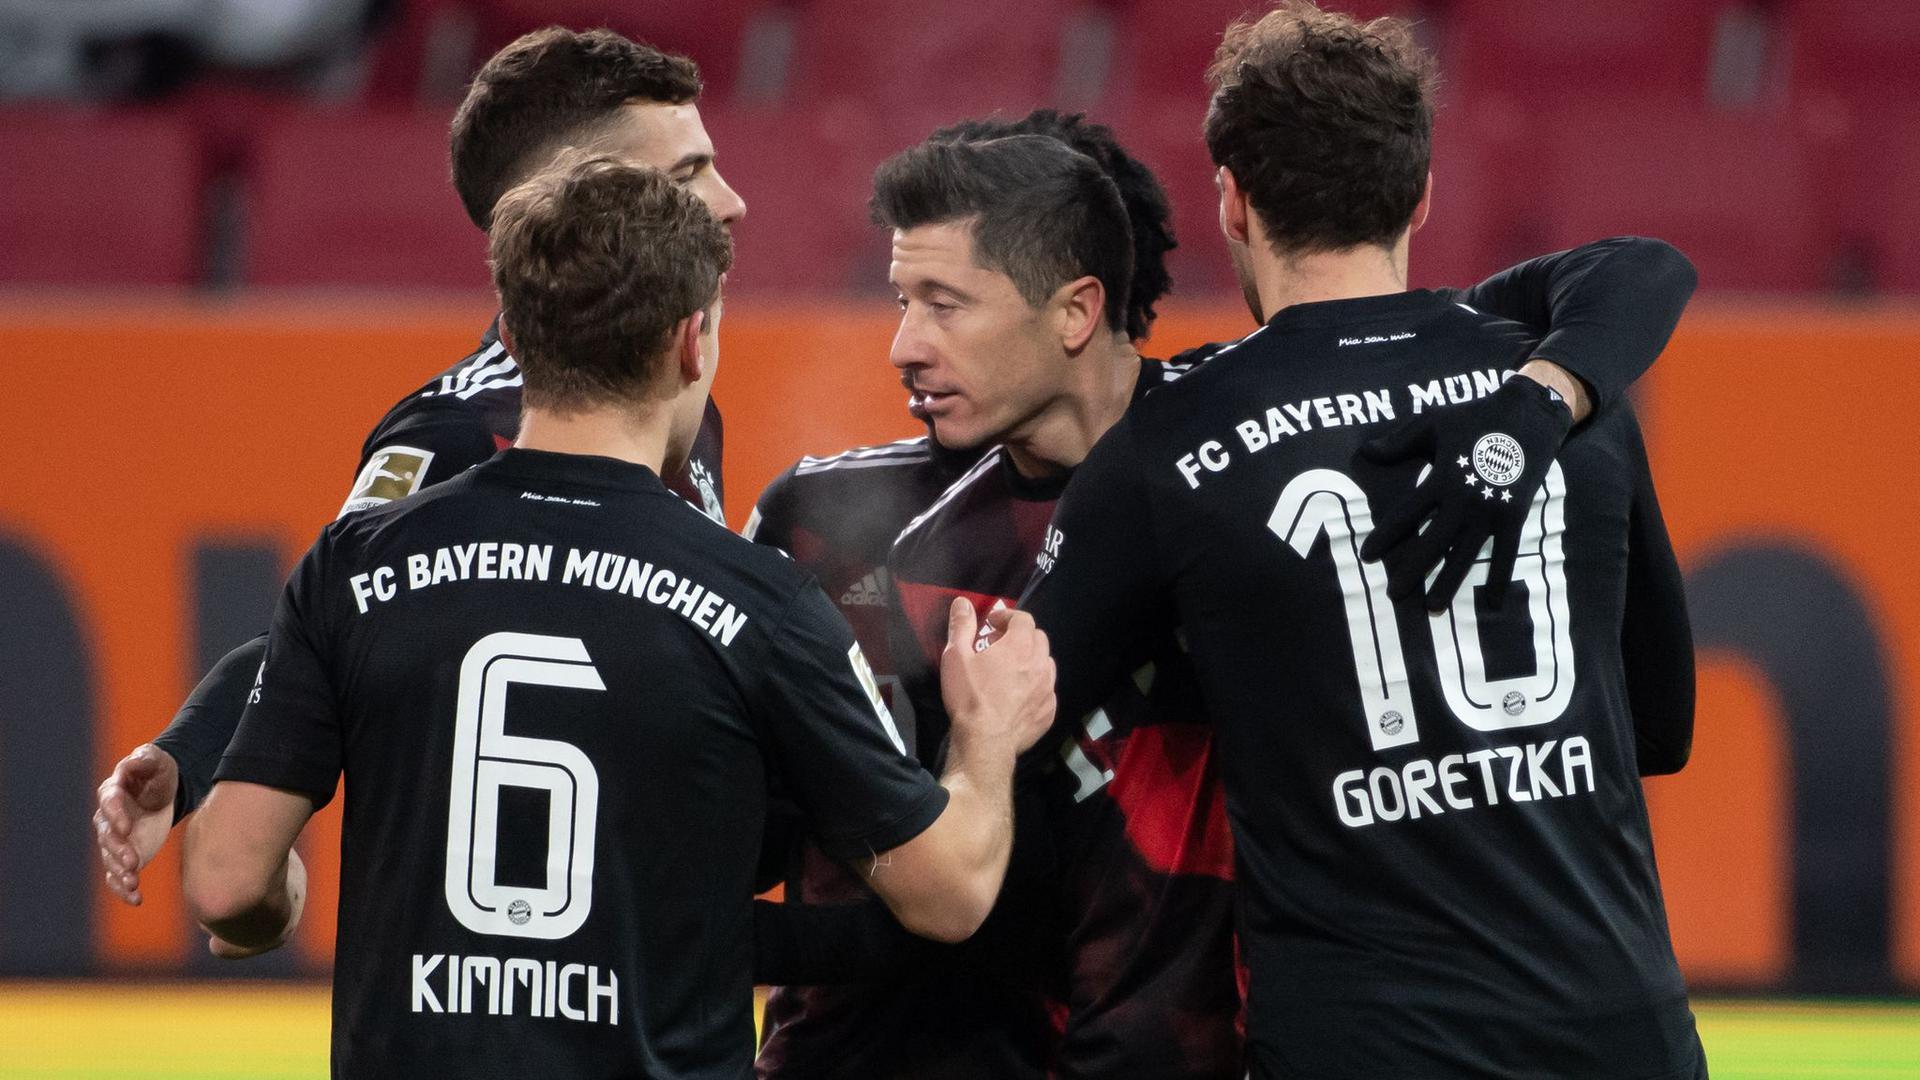 Der FC Bayern München setzte sich auch dank Torjäger Robert Lewandowski (M.) knapp in Augsburg durch.